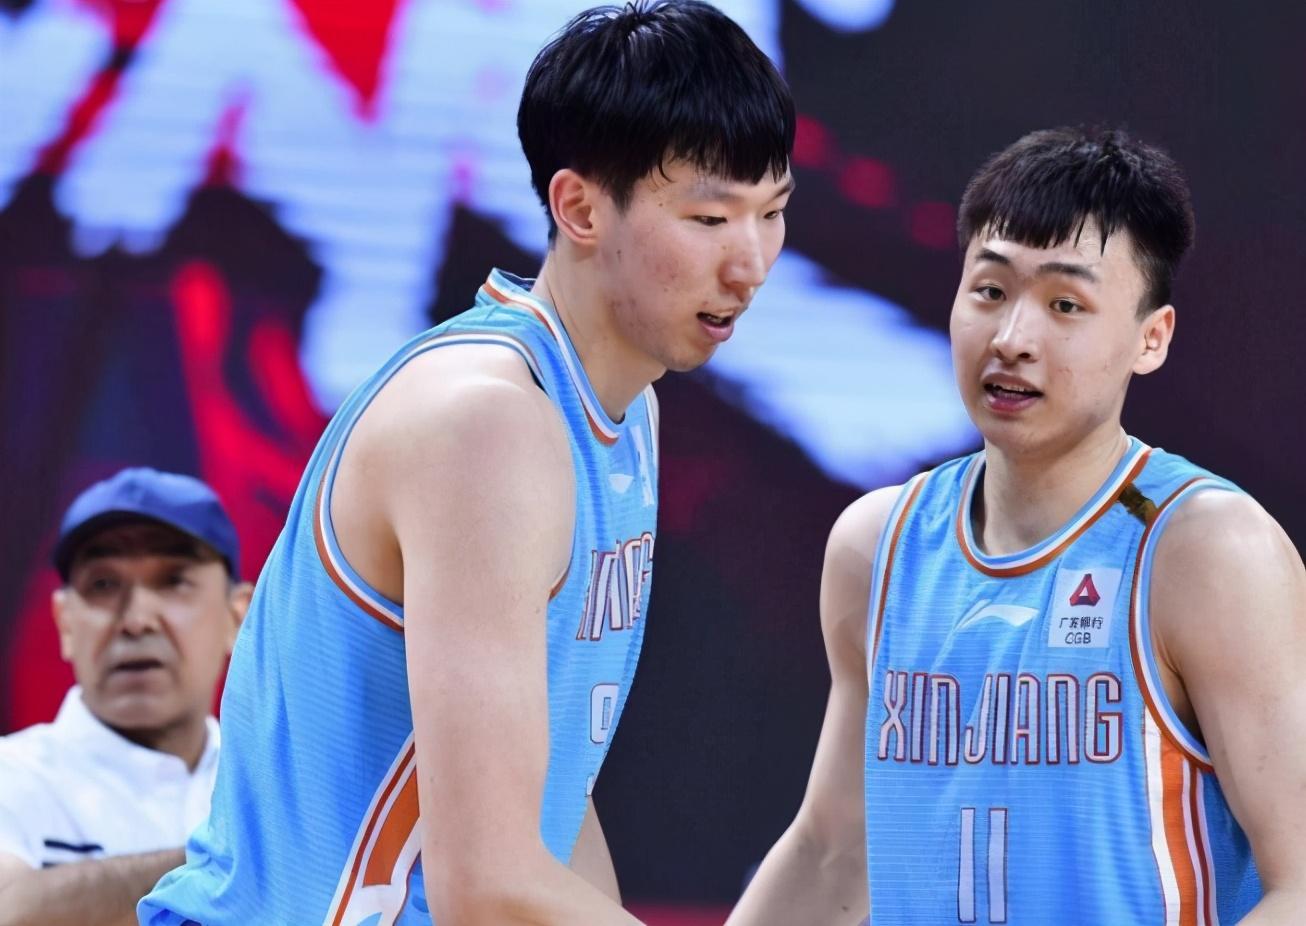 中国篮球裁判明目张胆胡吹,误判摧残2+1,比马宁还离谱 